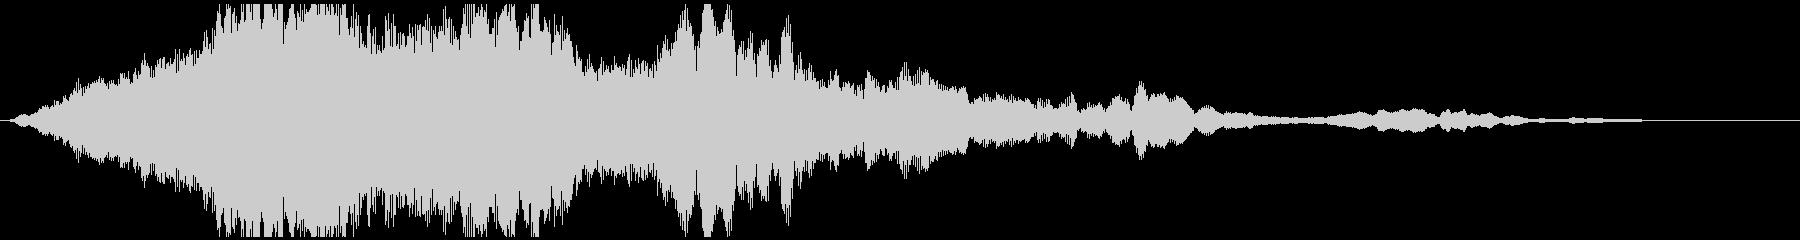 ドローン レゾネーター01の未再生の波形